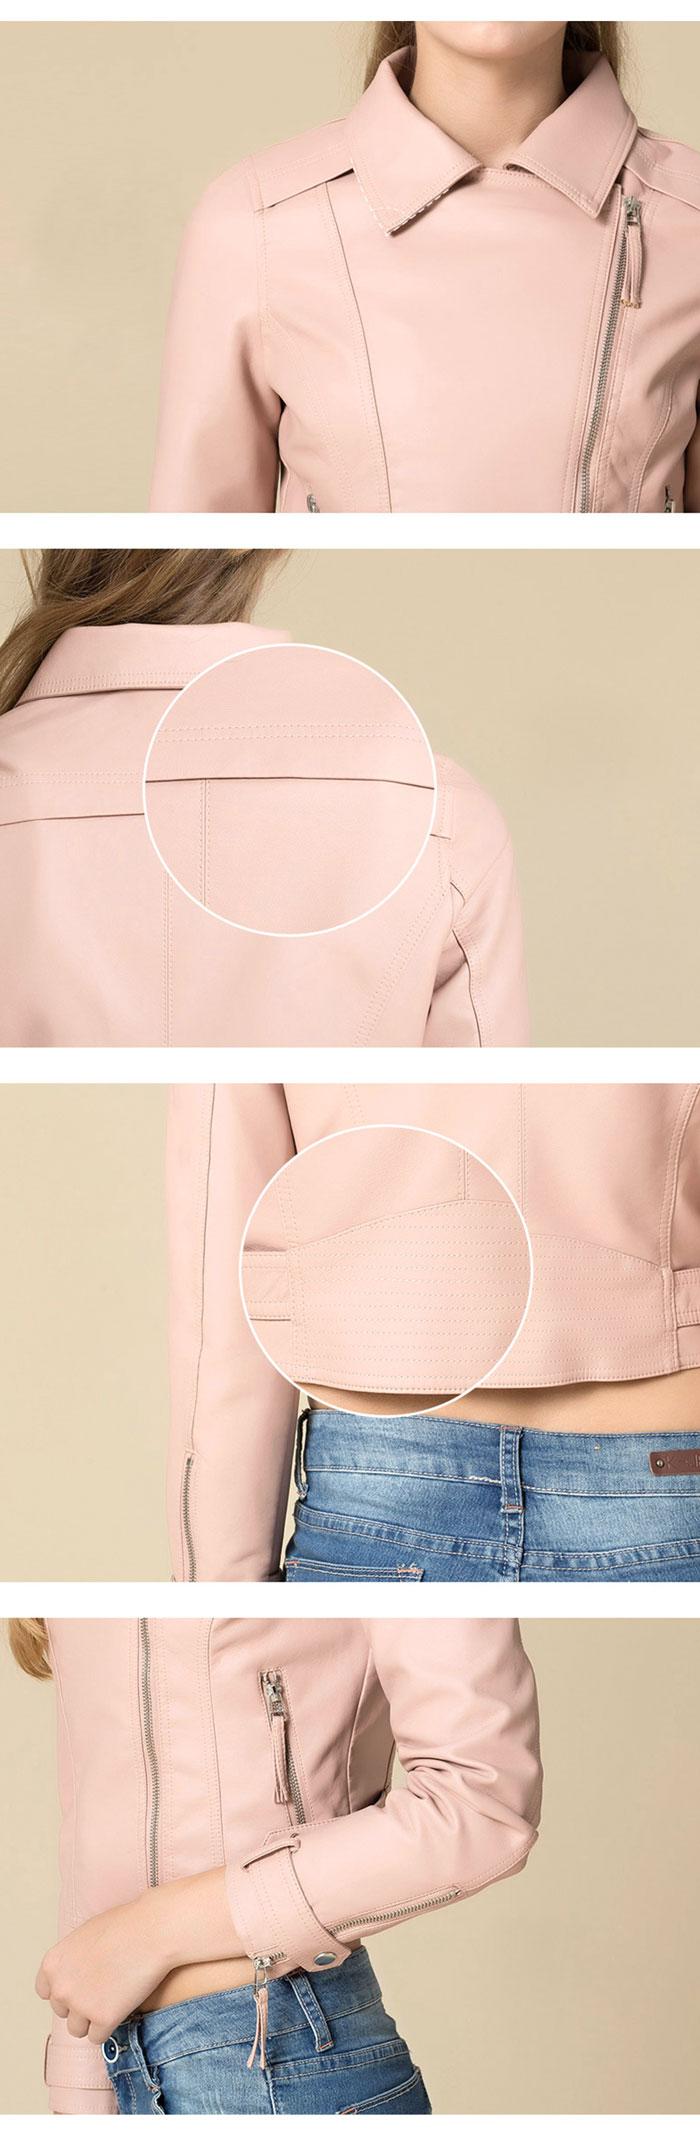 เสื้อแจ็คเก็ตหนังผู้หญิง แฟชั่นเกาหลี สีชมพู แจ็คเก็ตหนัง PU ตัวสั้น คอปก ชิคๆ คูลๆ